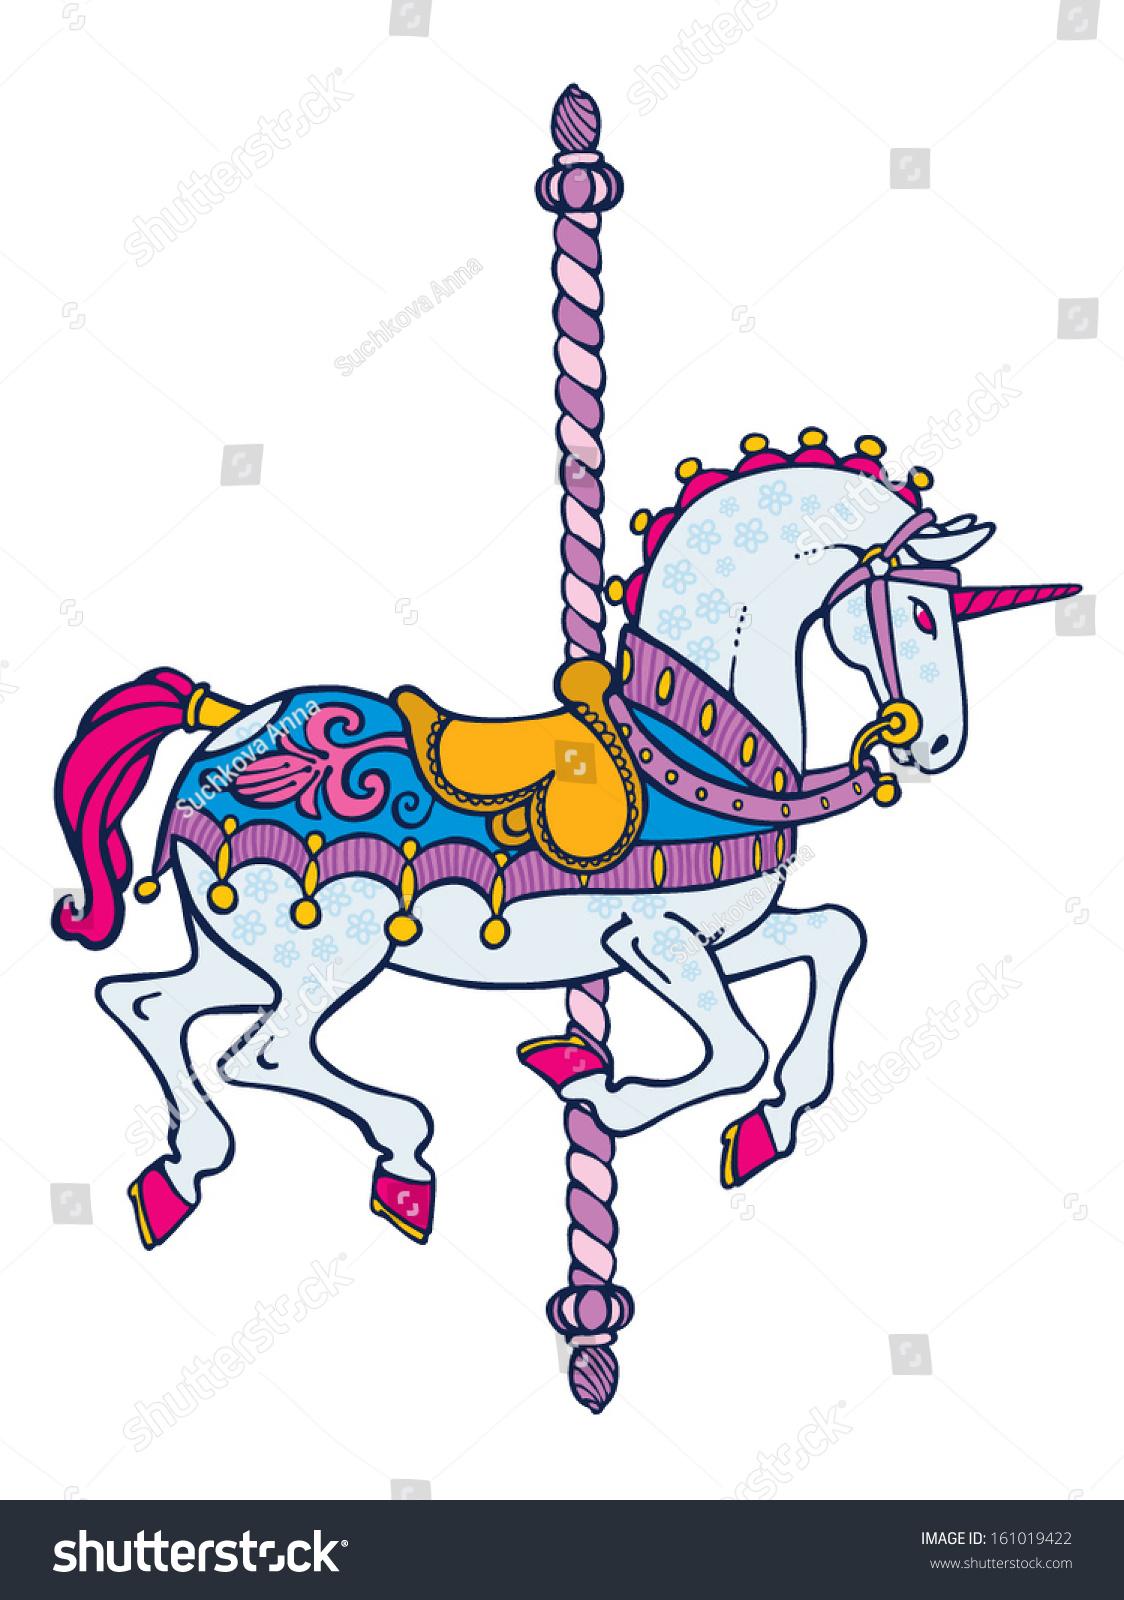 Bright Elegant Smart Carousel Unicorn Vector - 161019422 : Shutterstock